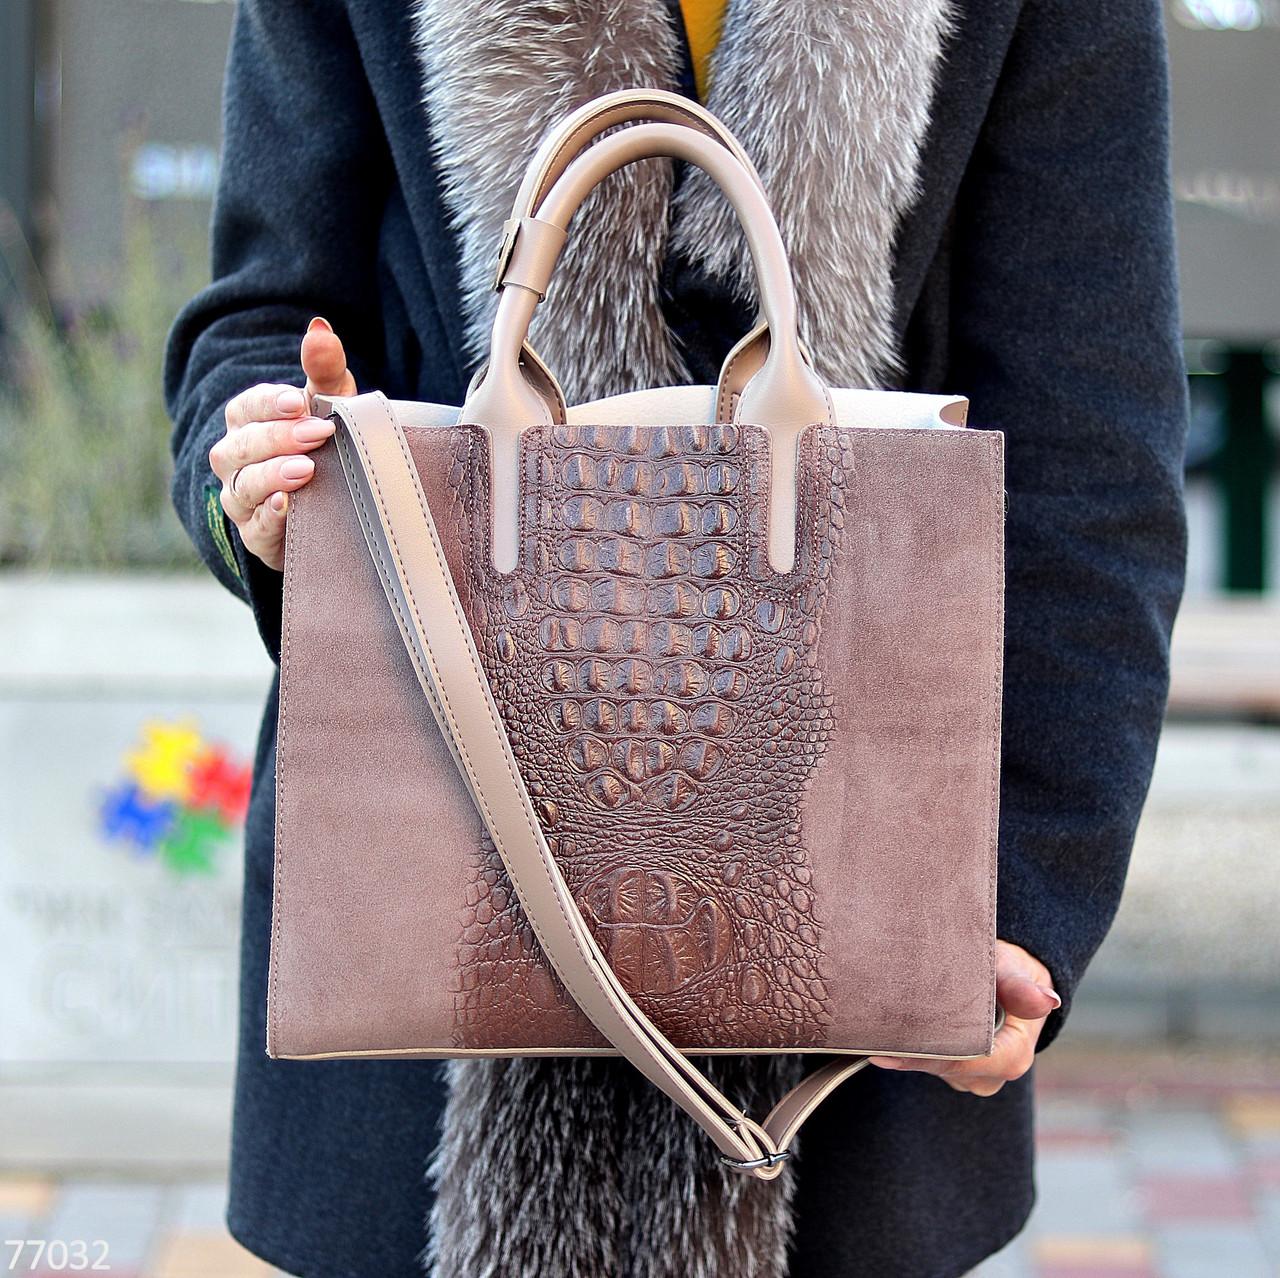 Ефектна фактурна бежева замшева сумка - шоппер натуральна замша